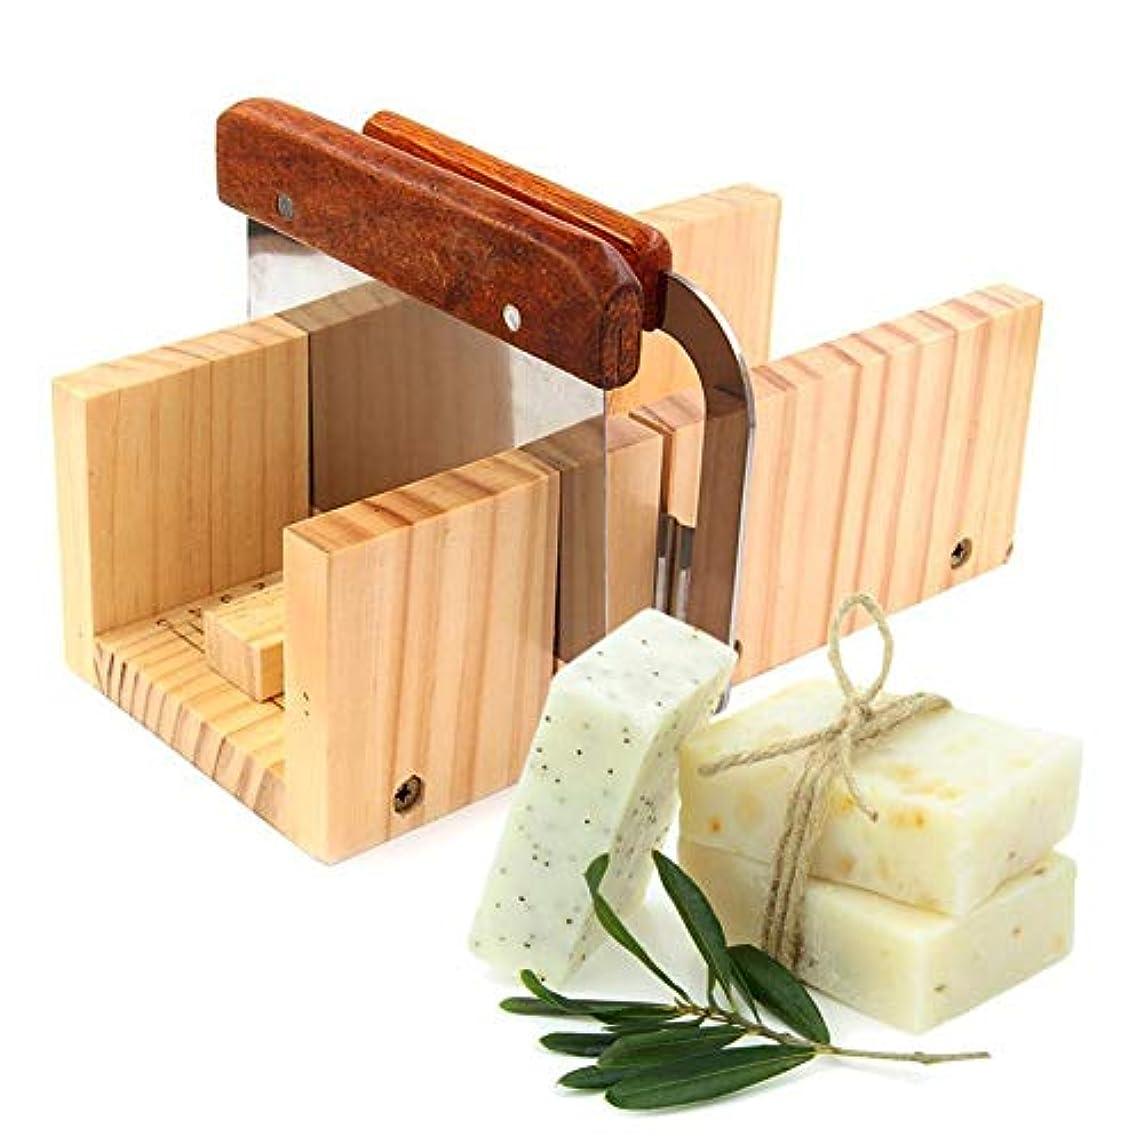 壁紙手術艶ソープモールド、調整可能、木製、ハンドメイド、石鹸、モールドアクセサリー、ストレートプレーナー付き